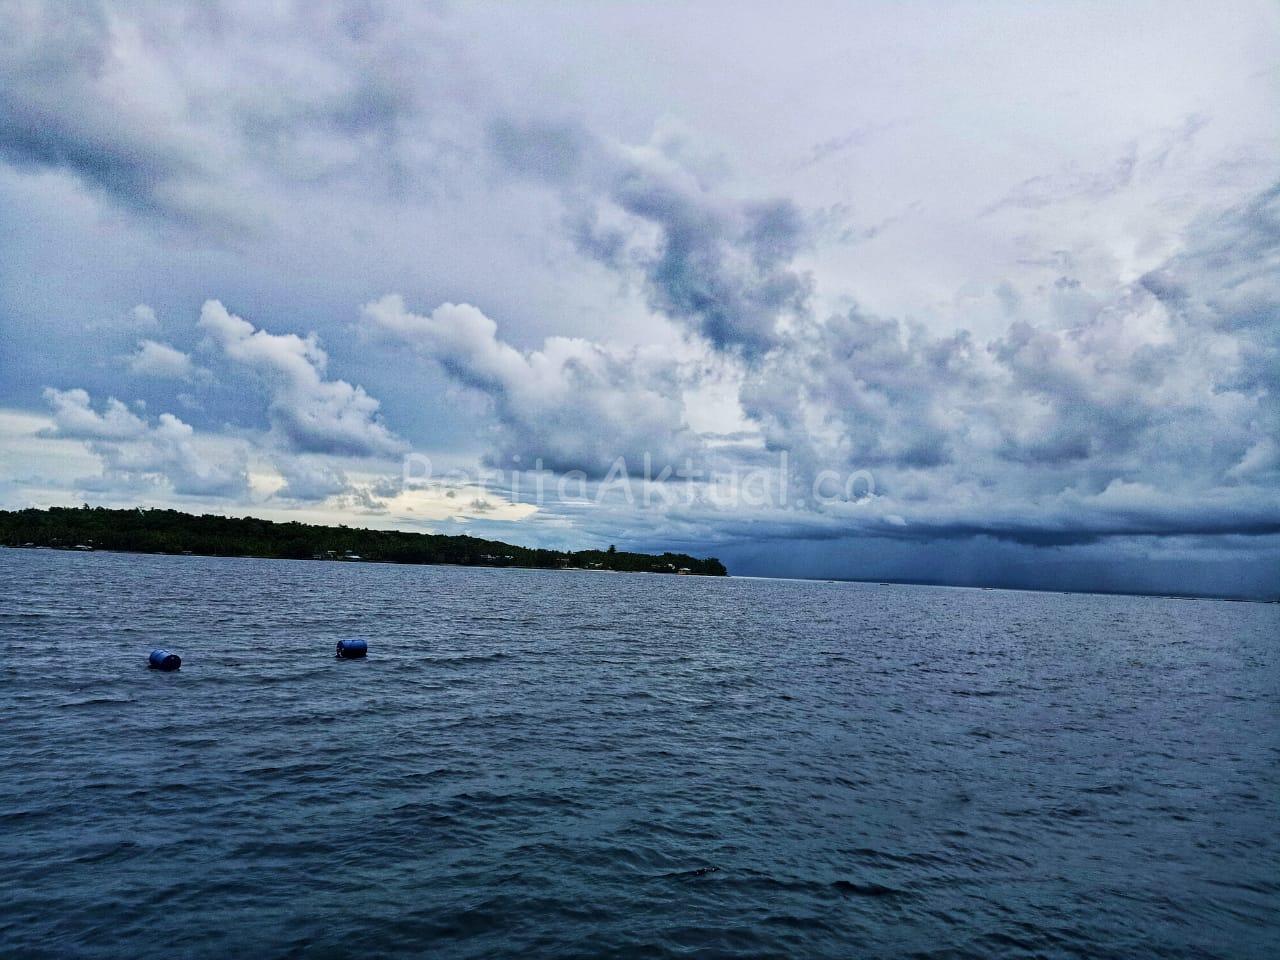 BMKG Keluarkan Peringatan Dini Cuaca Extrim di Perairan Manokwari, Raja Ampat Dan Sorong 17 IMG 20200806 WA0028